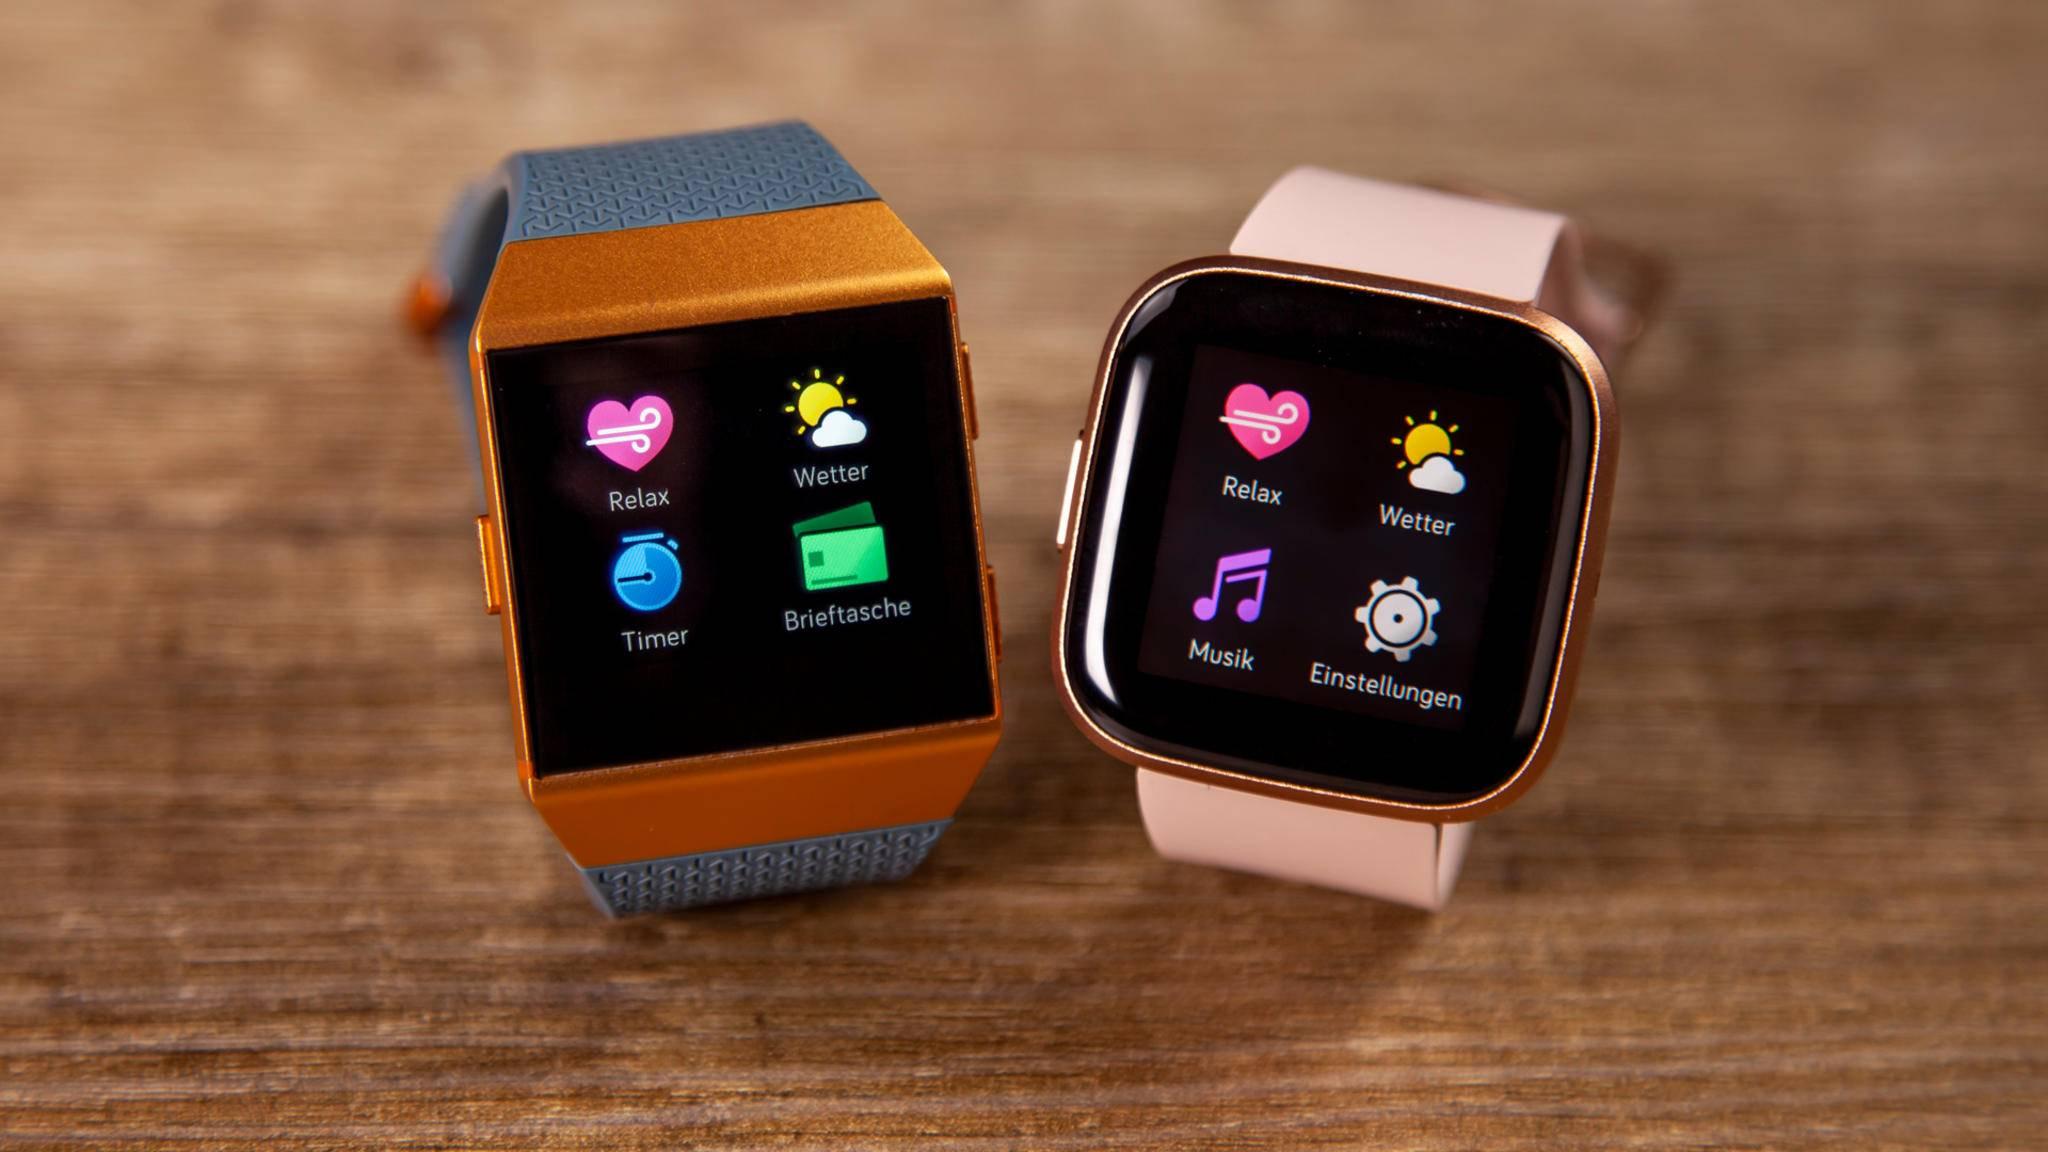 Duell der Smartwatches: Die Fitbit Ionic (links) tritt gegen die Fitbit Versa 2 (rechts) an.